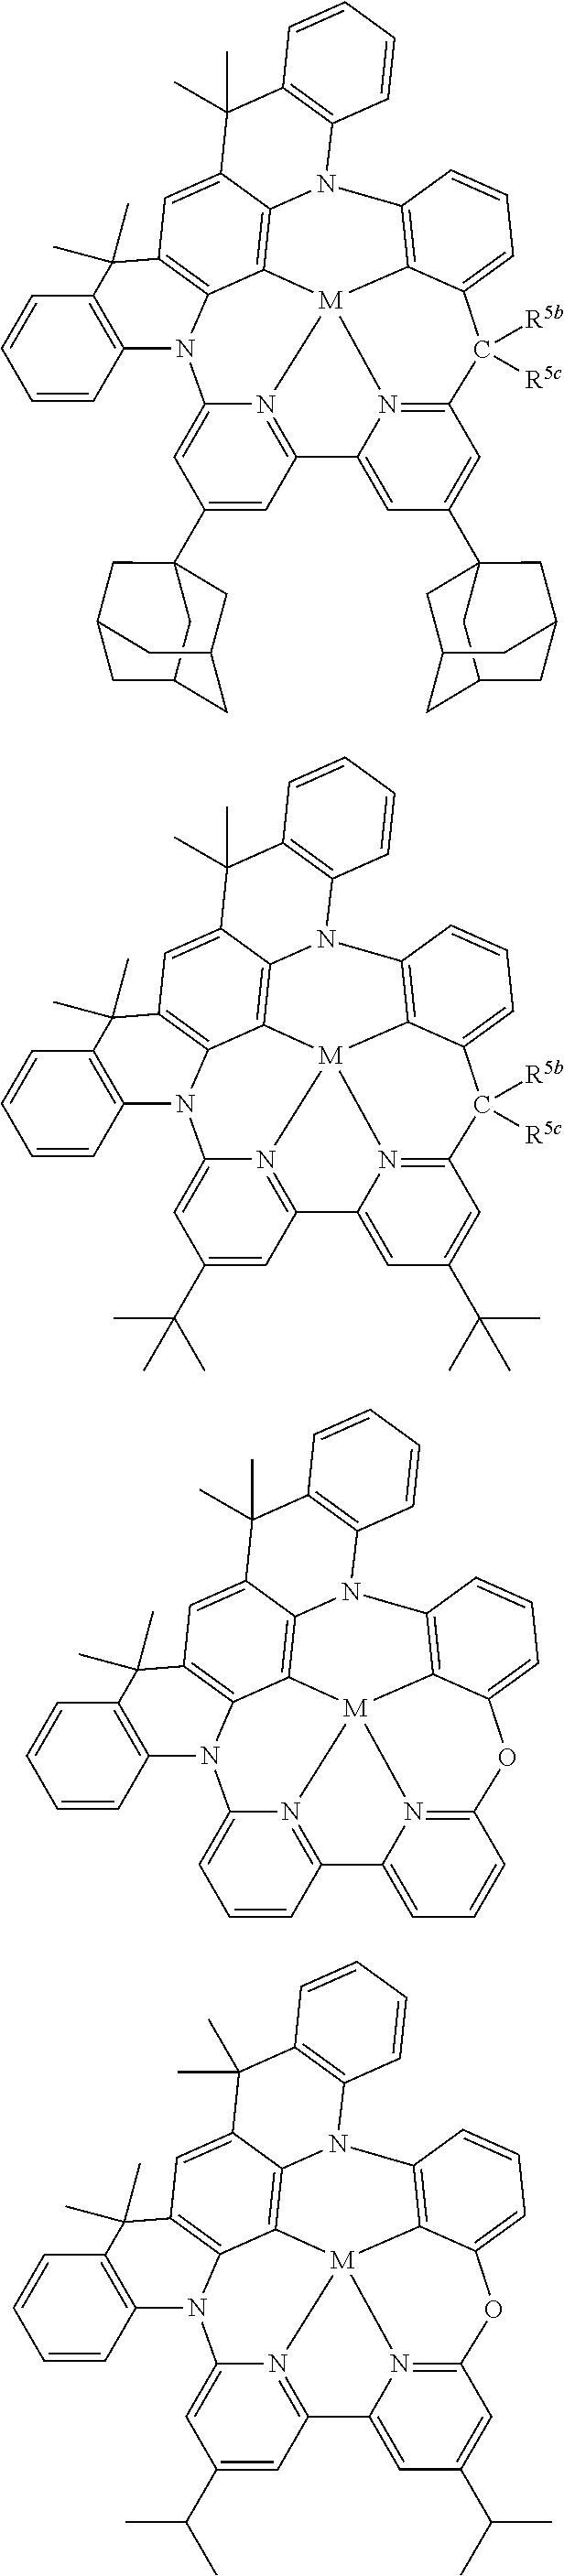 Figure US10158091-20181218-C00220